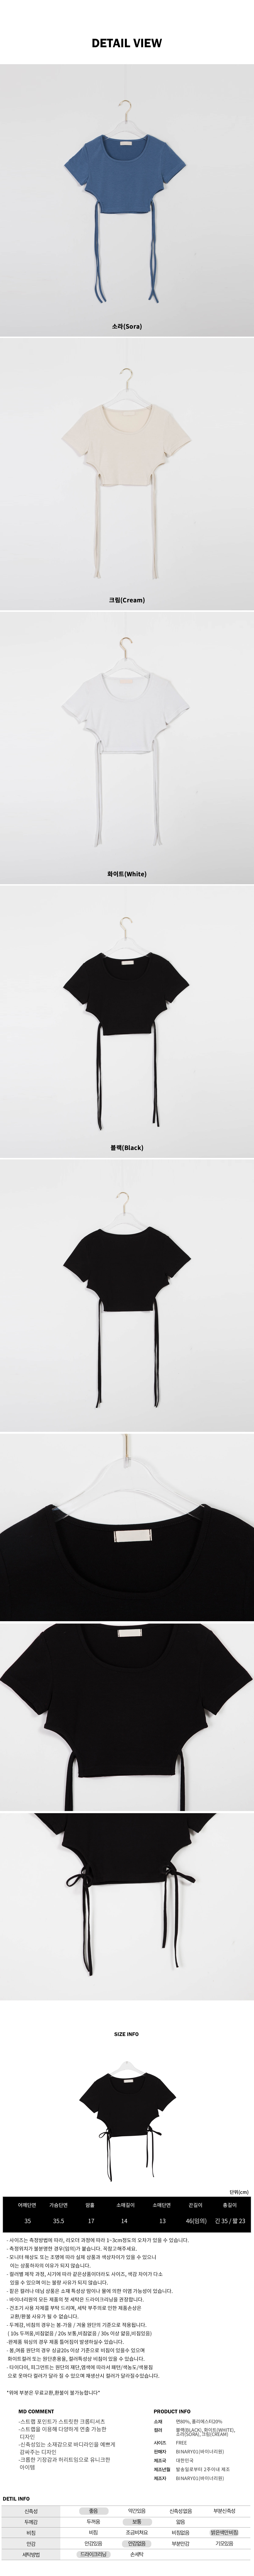 strap envy cropped t-shirt